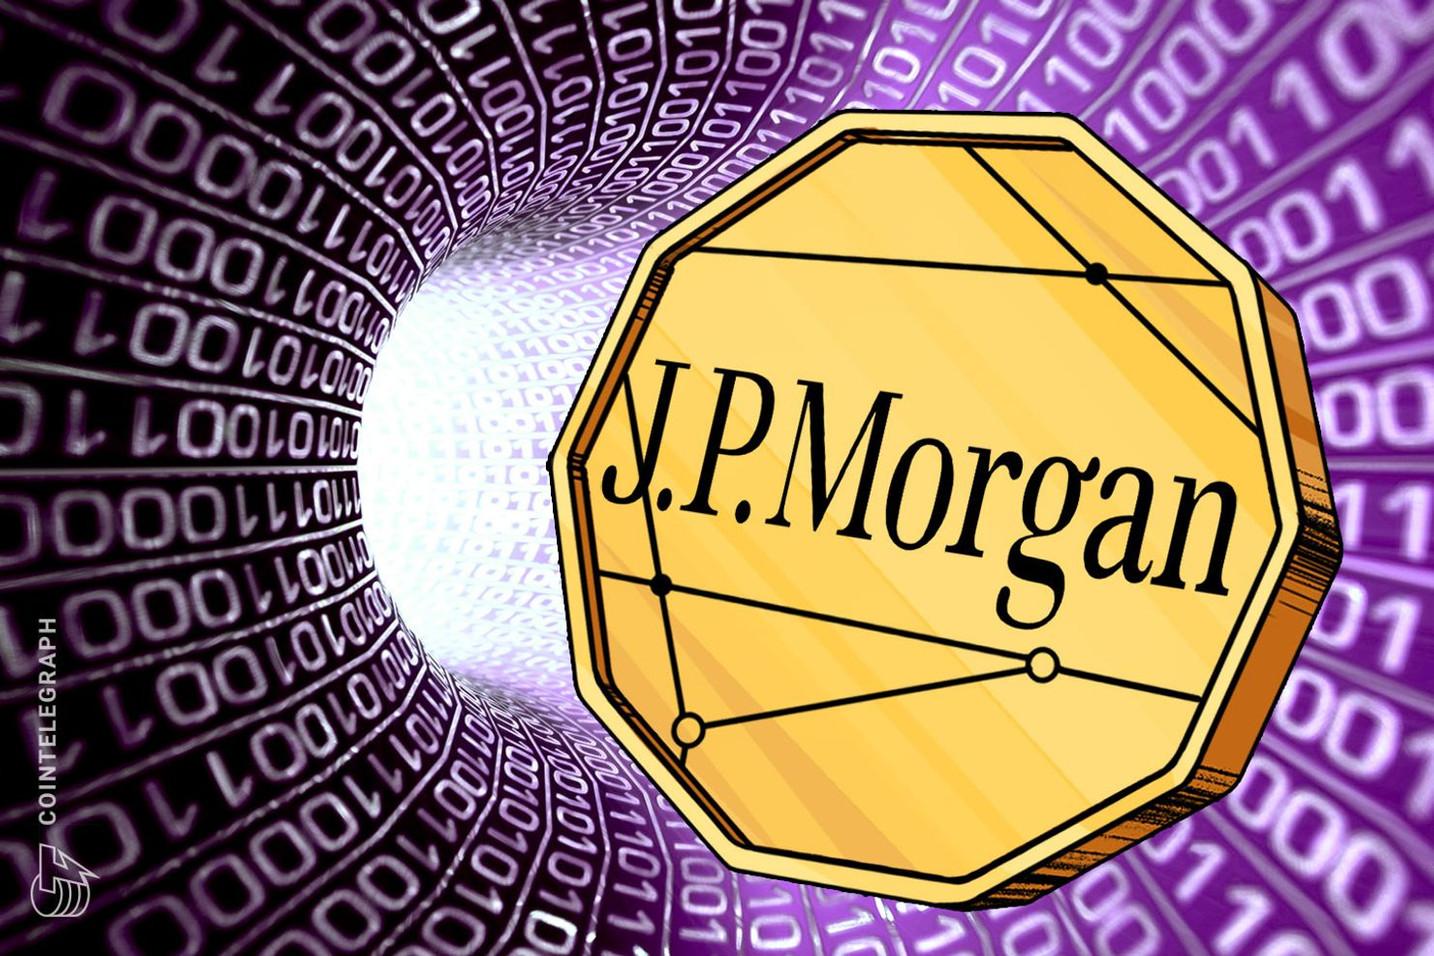 JPモルガンのダイモンCEO 独自仮想通貨JPMコインは「いつか消費者も使う可能性」